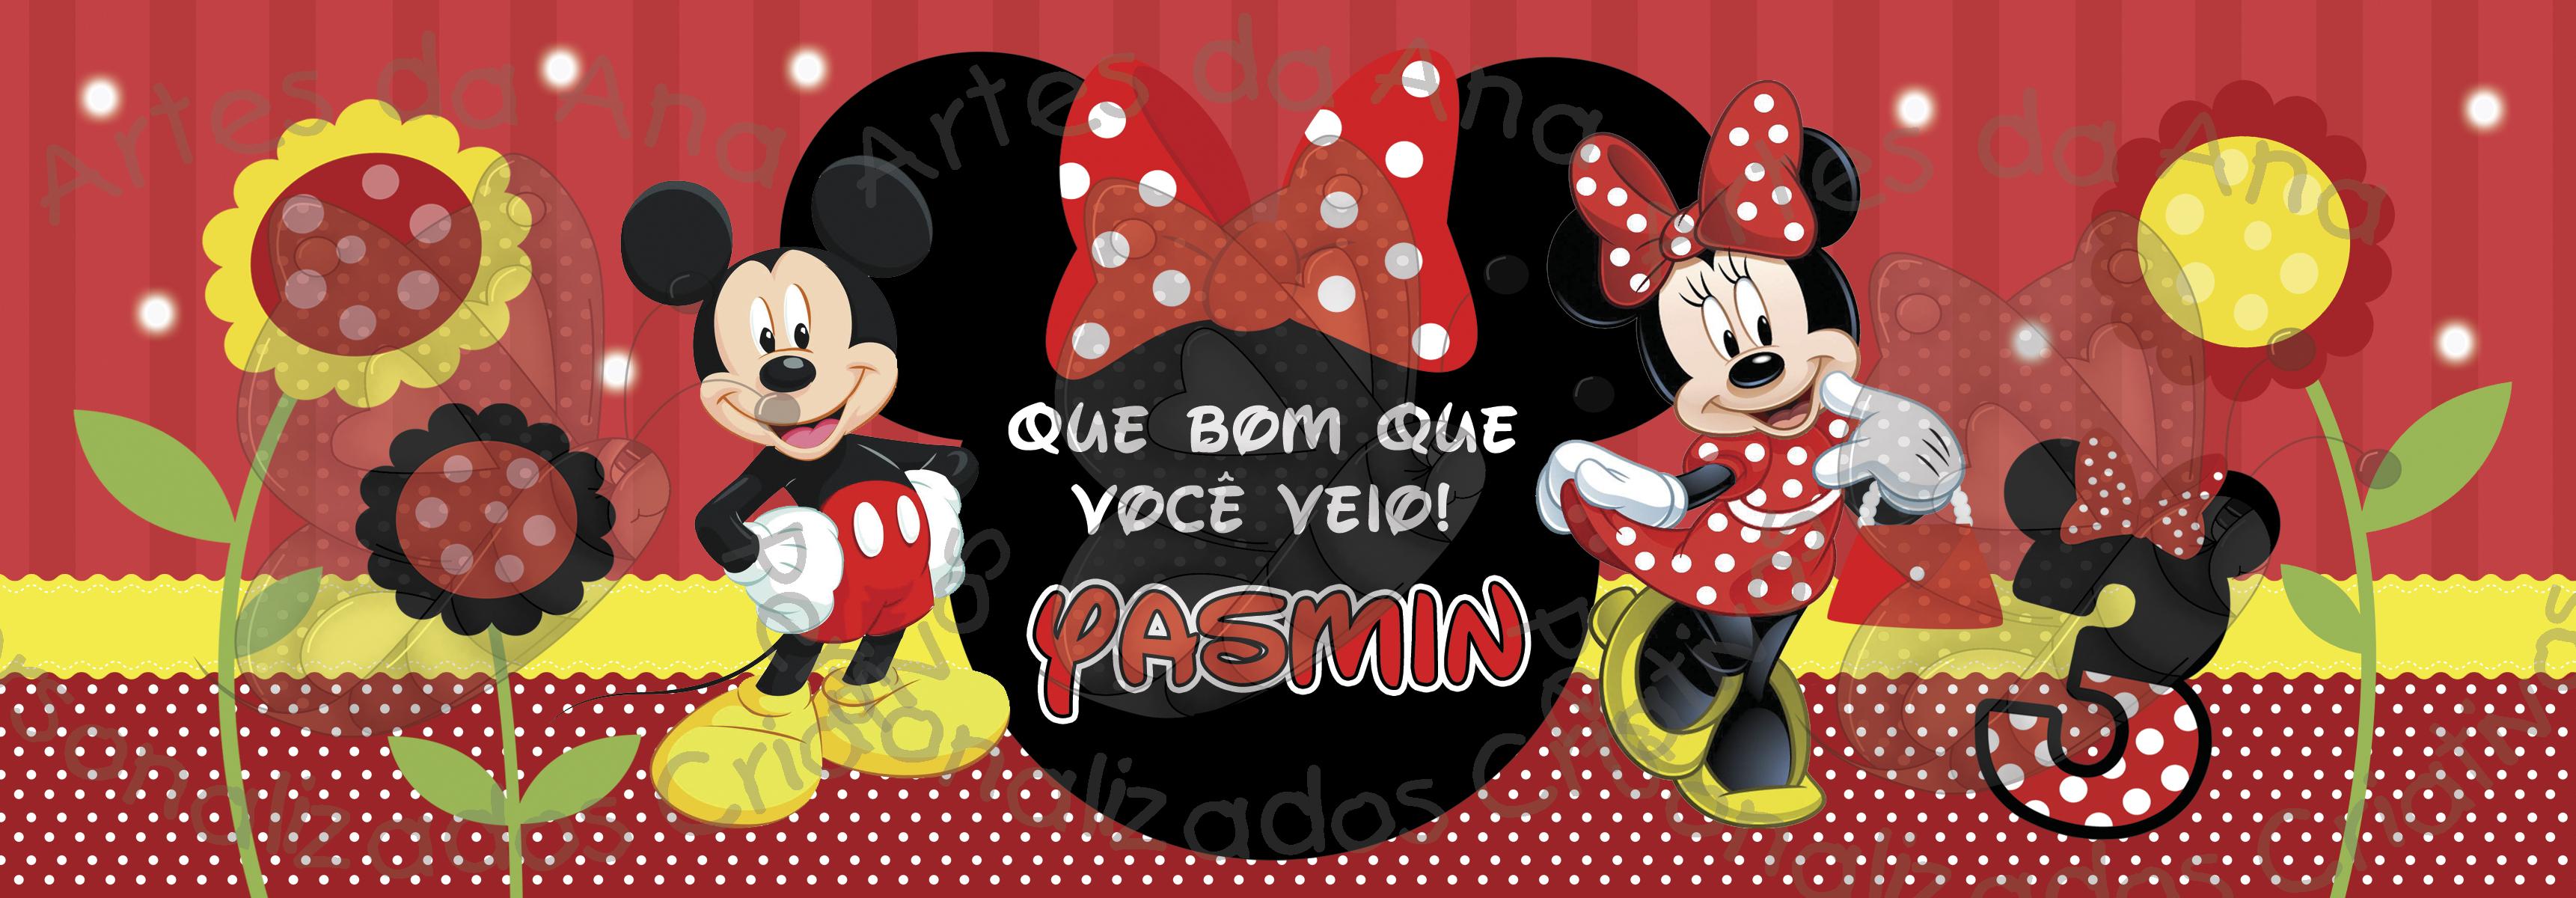 Papel De Parede Adesivo Herois ~ Mickey e Minnie Rótulo Lata Ninho Artes da Ana Personalizados Criativos Elo7